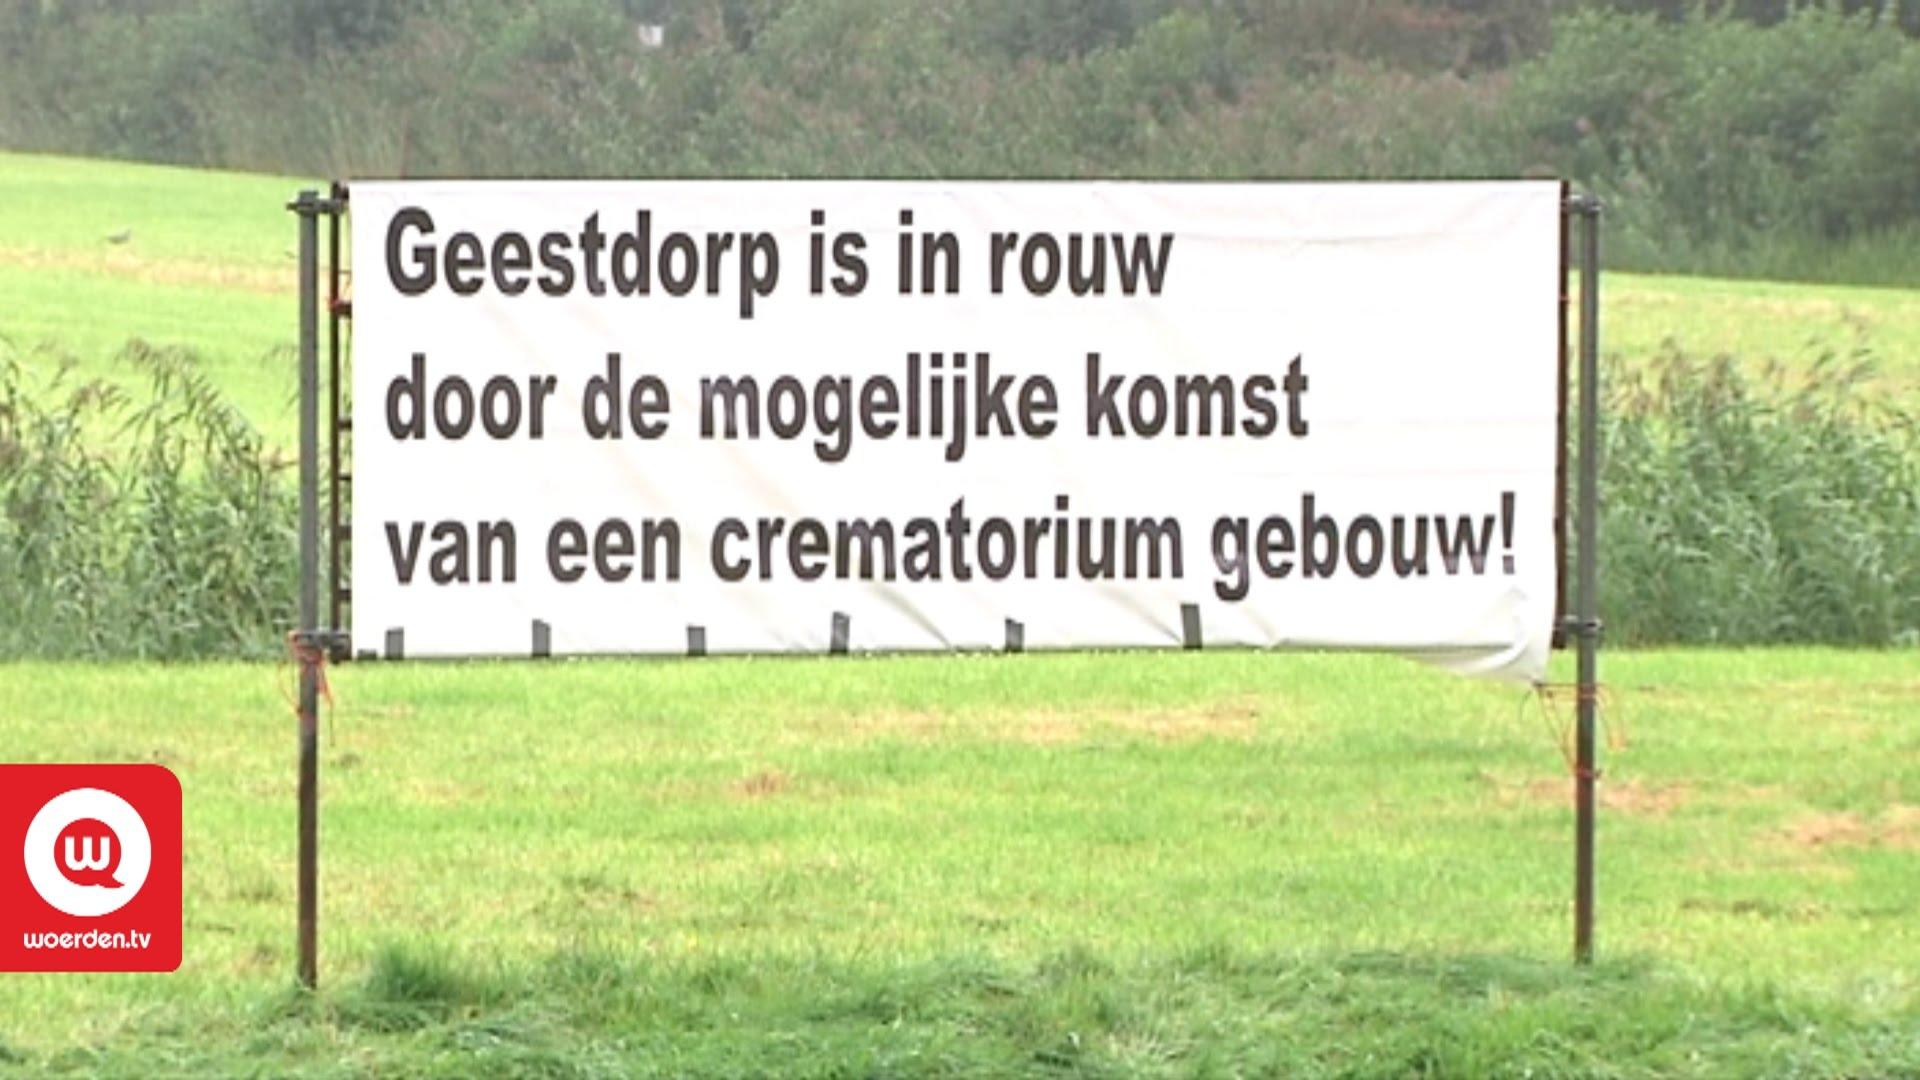 Raad Woerden blokkeert crematorium Geestdorp